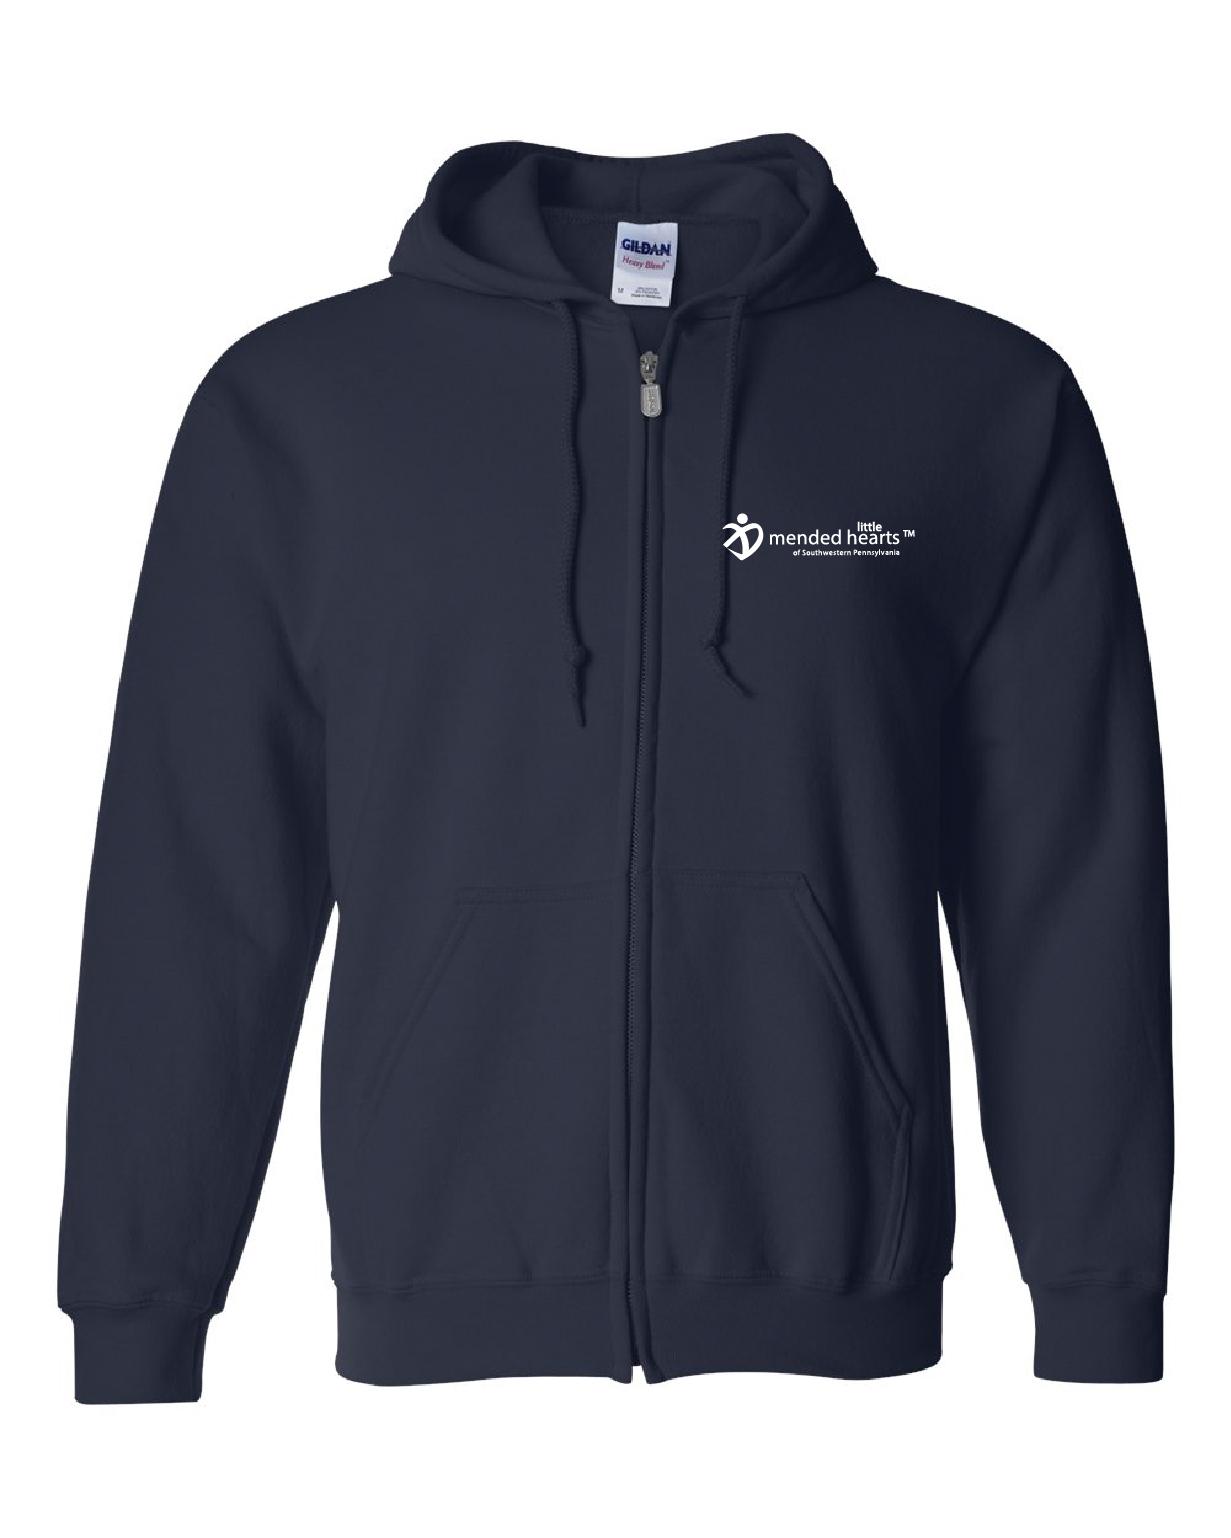 Splatter Heart Zip-Up Hooded Sweatshirt Available in Navy or Dark Heather